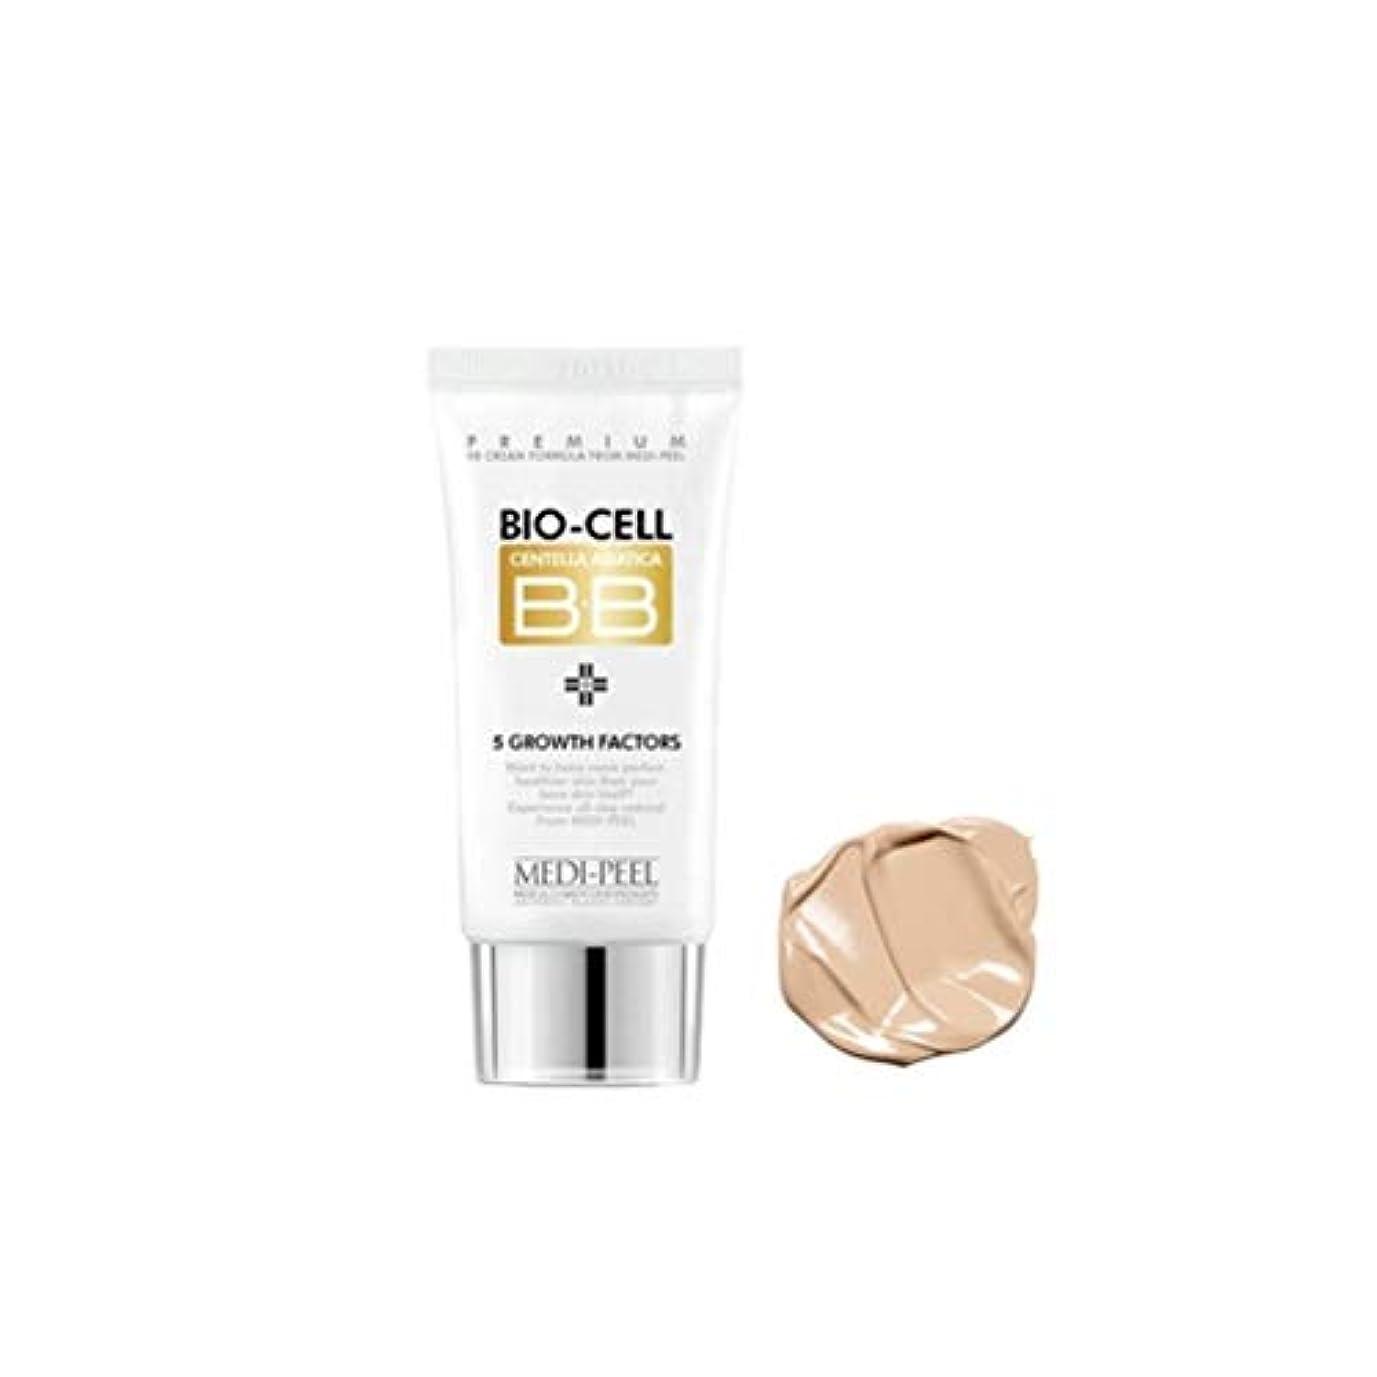 寝てるマイナーデマンド[Medi-Peel] メディピール バイオセル BBクリーム 50ml. [美.白?シワ.改善2重機能性化粧品] Medi-Peel Bio-cell BB Cream 50ml.